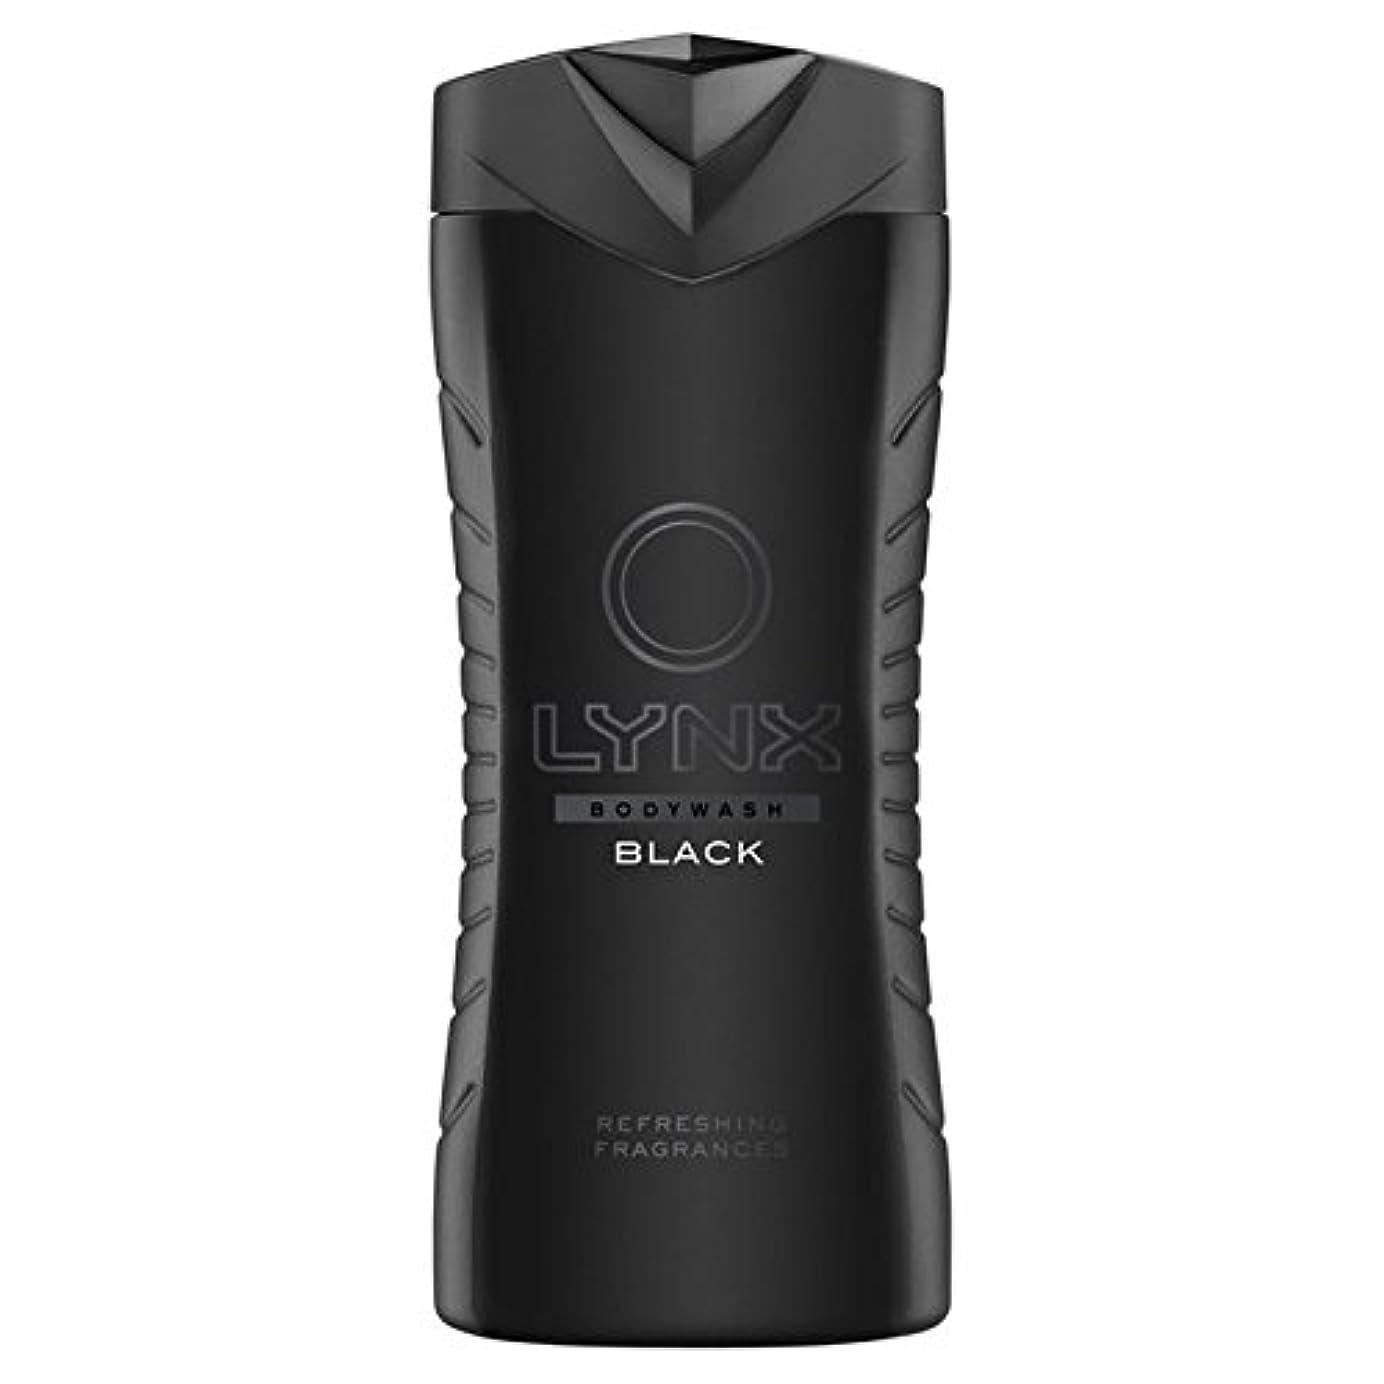 除去火山のオーバーフローオオヤマネコブラックシャワージェル400ミリリットル x4 - Lynx Black Shower Gel 400ml (Pack of 4) [並行輸入品]